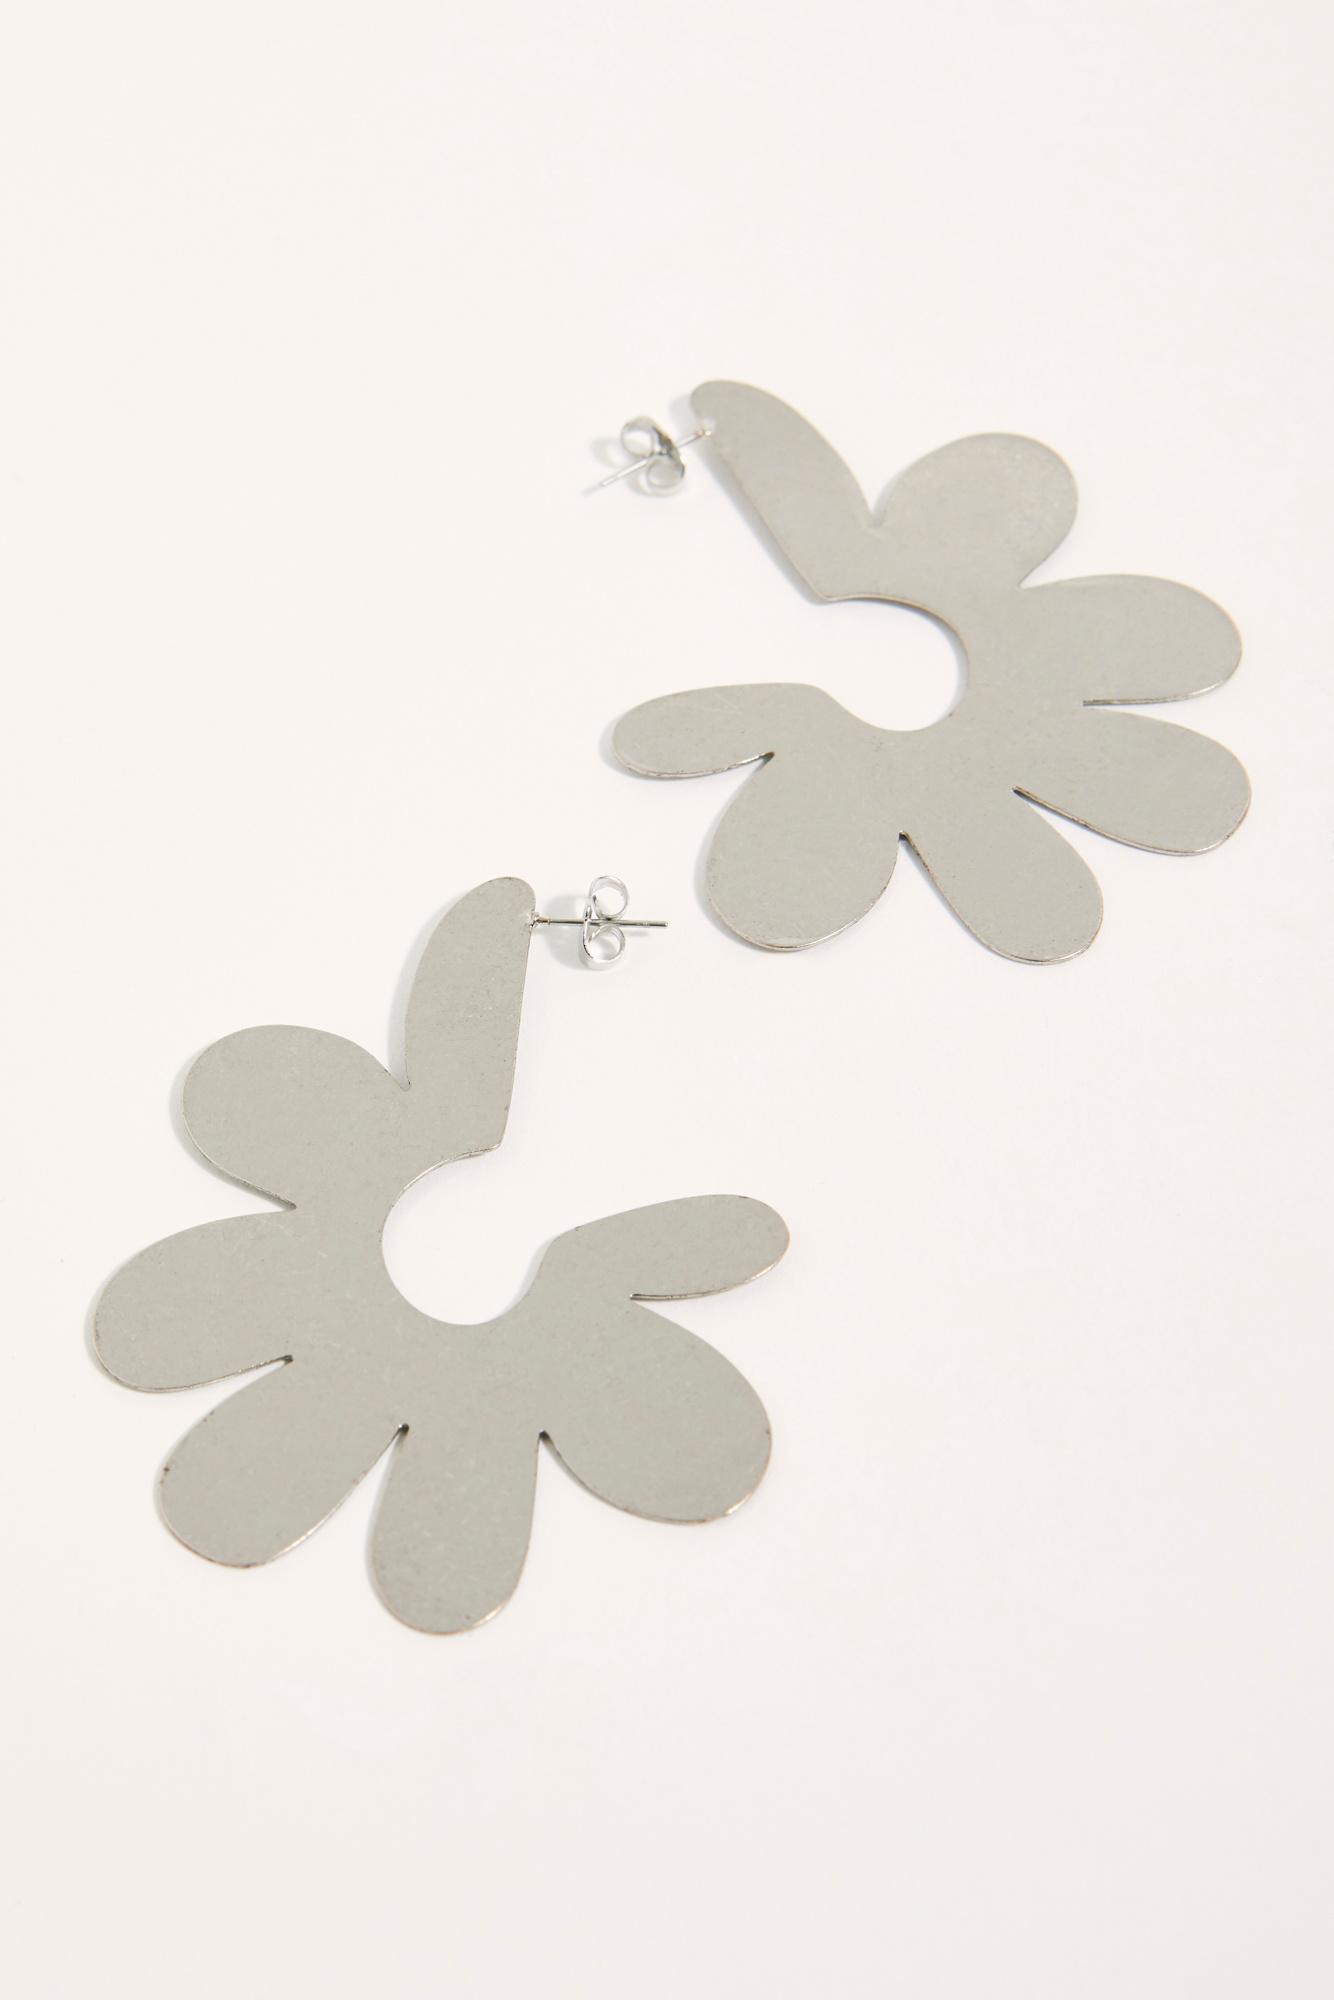 cd4402fe0 Free People Daisy Garden Hoop Earrings in Metallic - Lyst